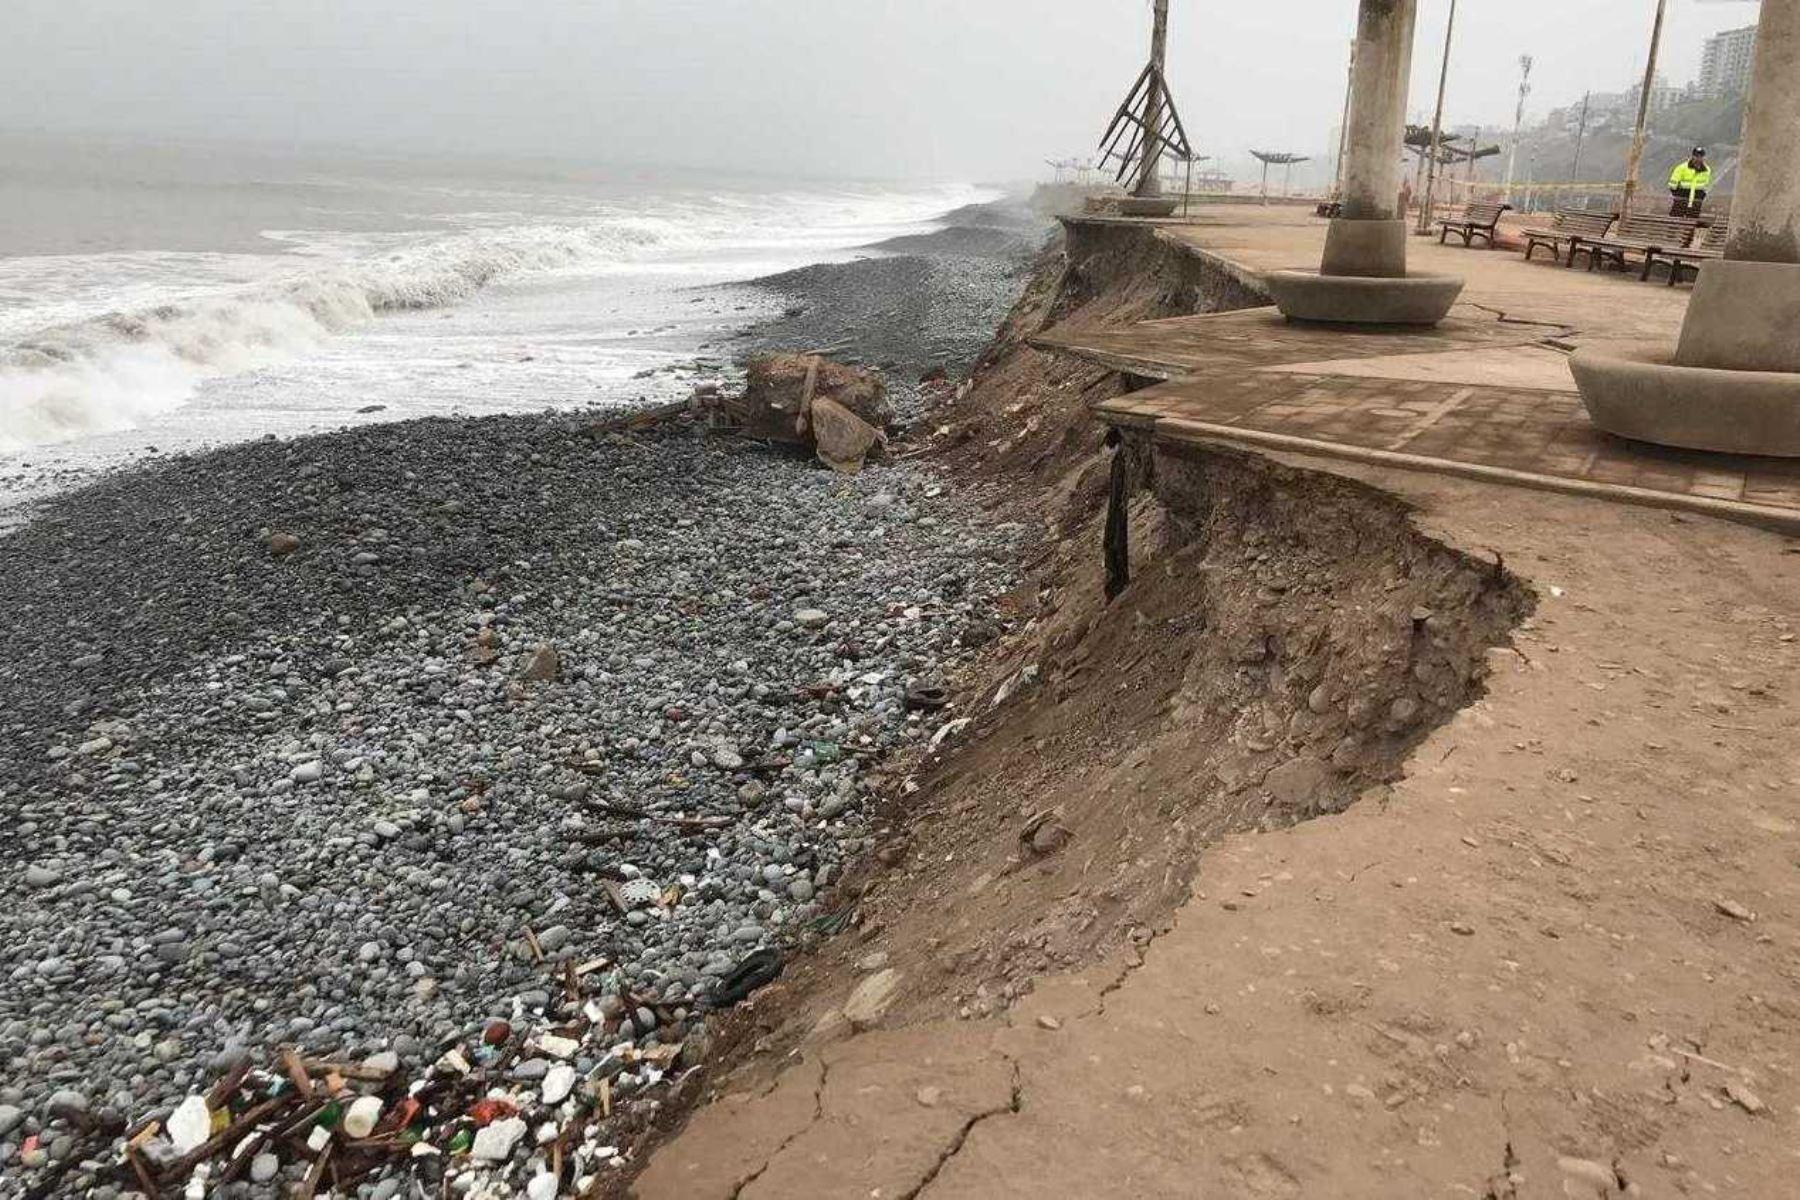 Malecón de la Costa Verde de Magdalena del Mar fue afectada por el oleaje. Foto: ANDINA/Difusión.